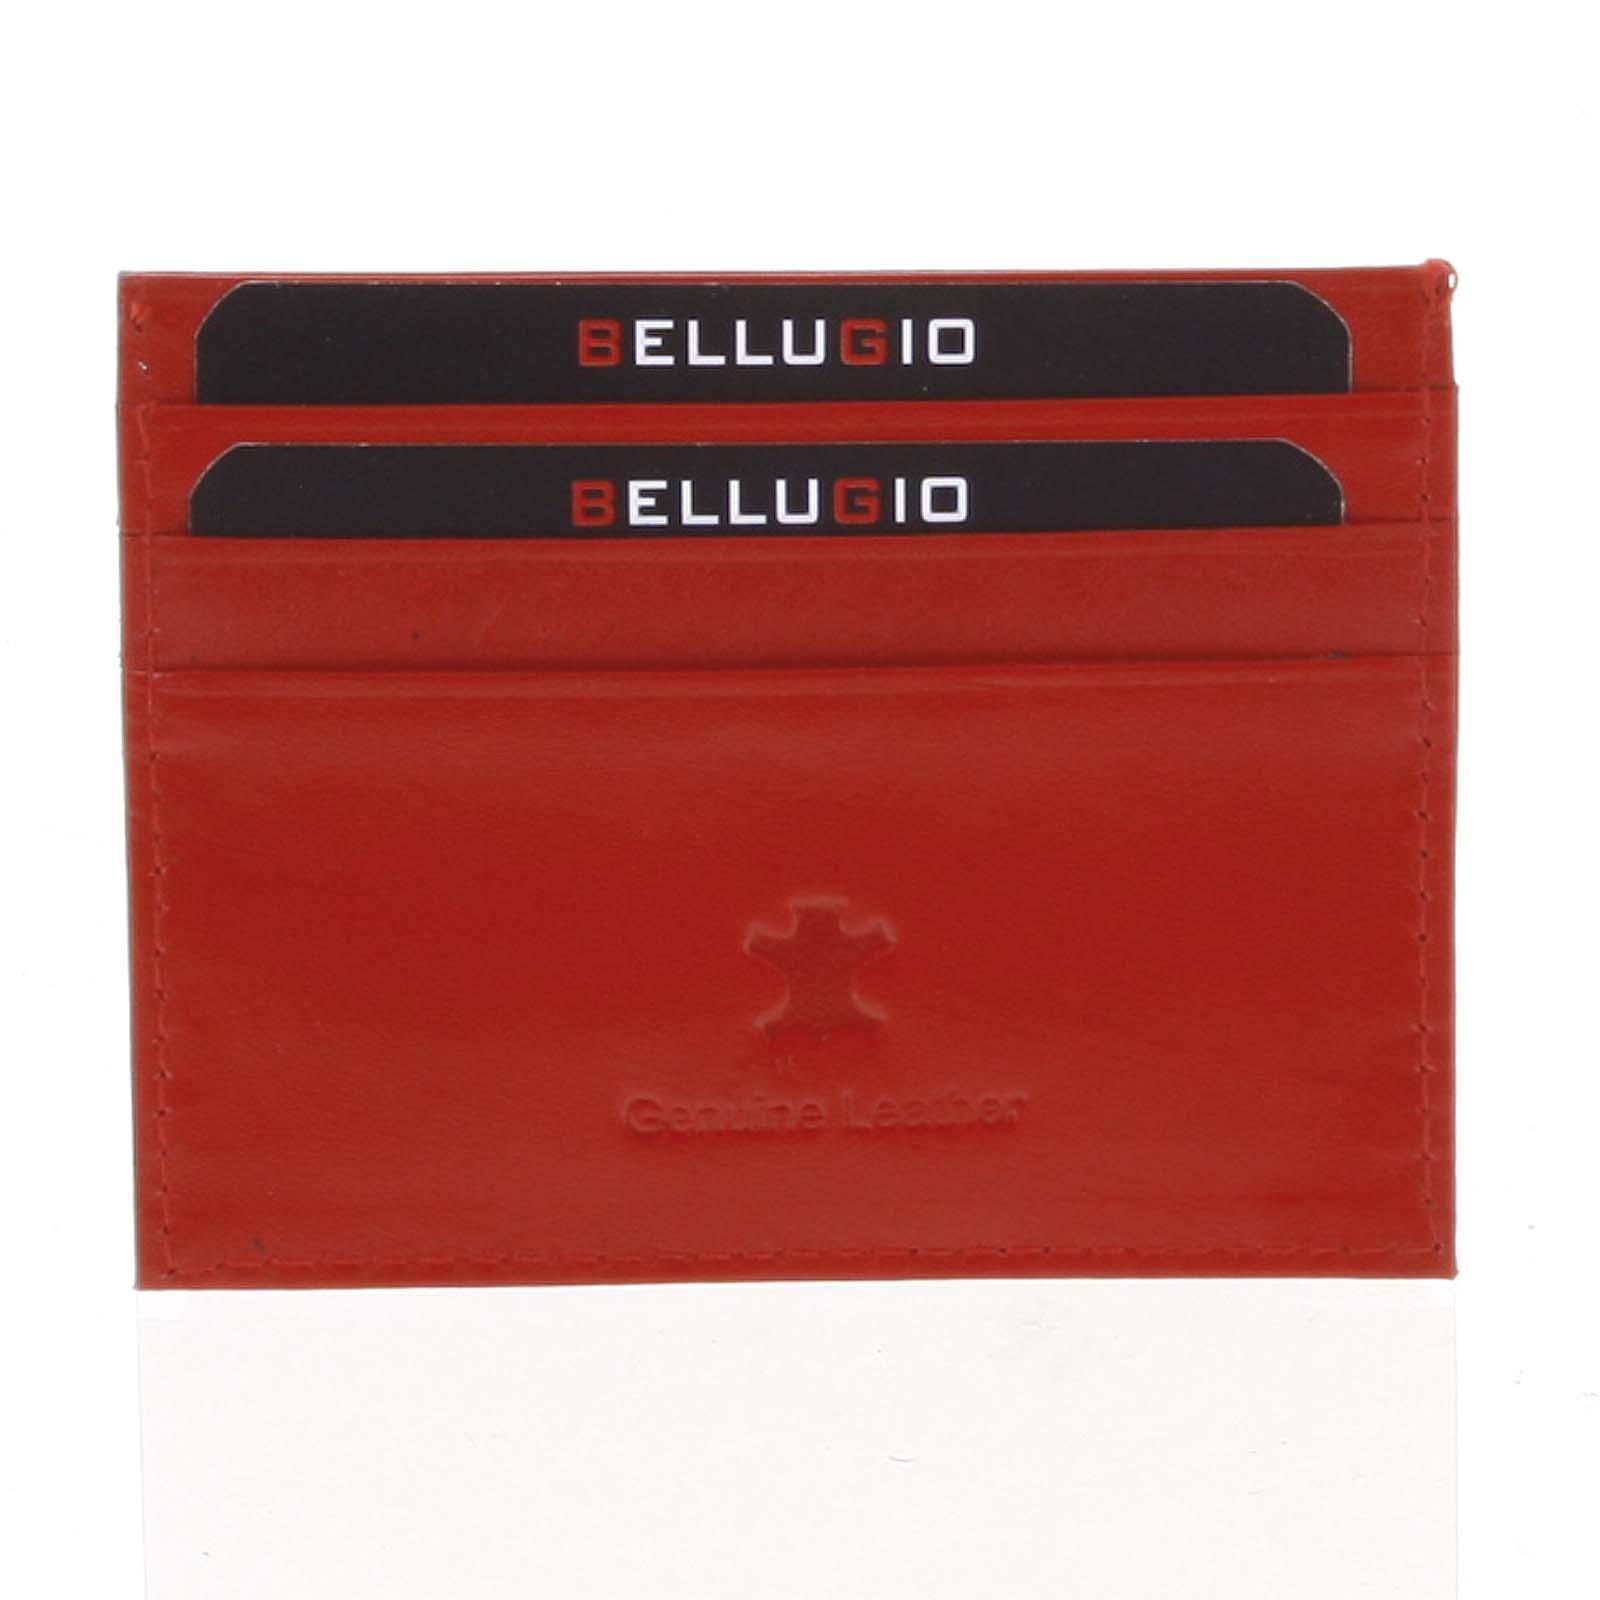 Kožené puzdro na kreditné karty červené - Bellugio 1001